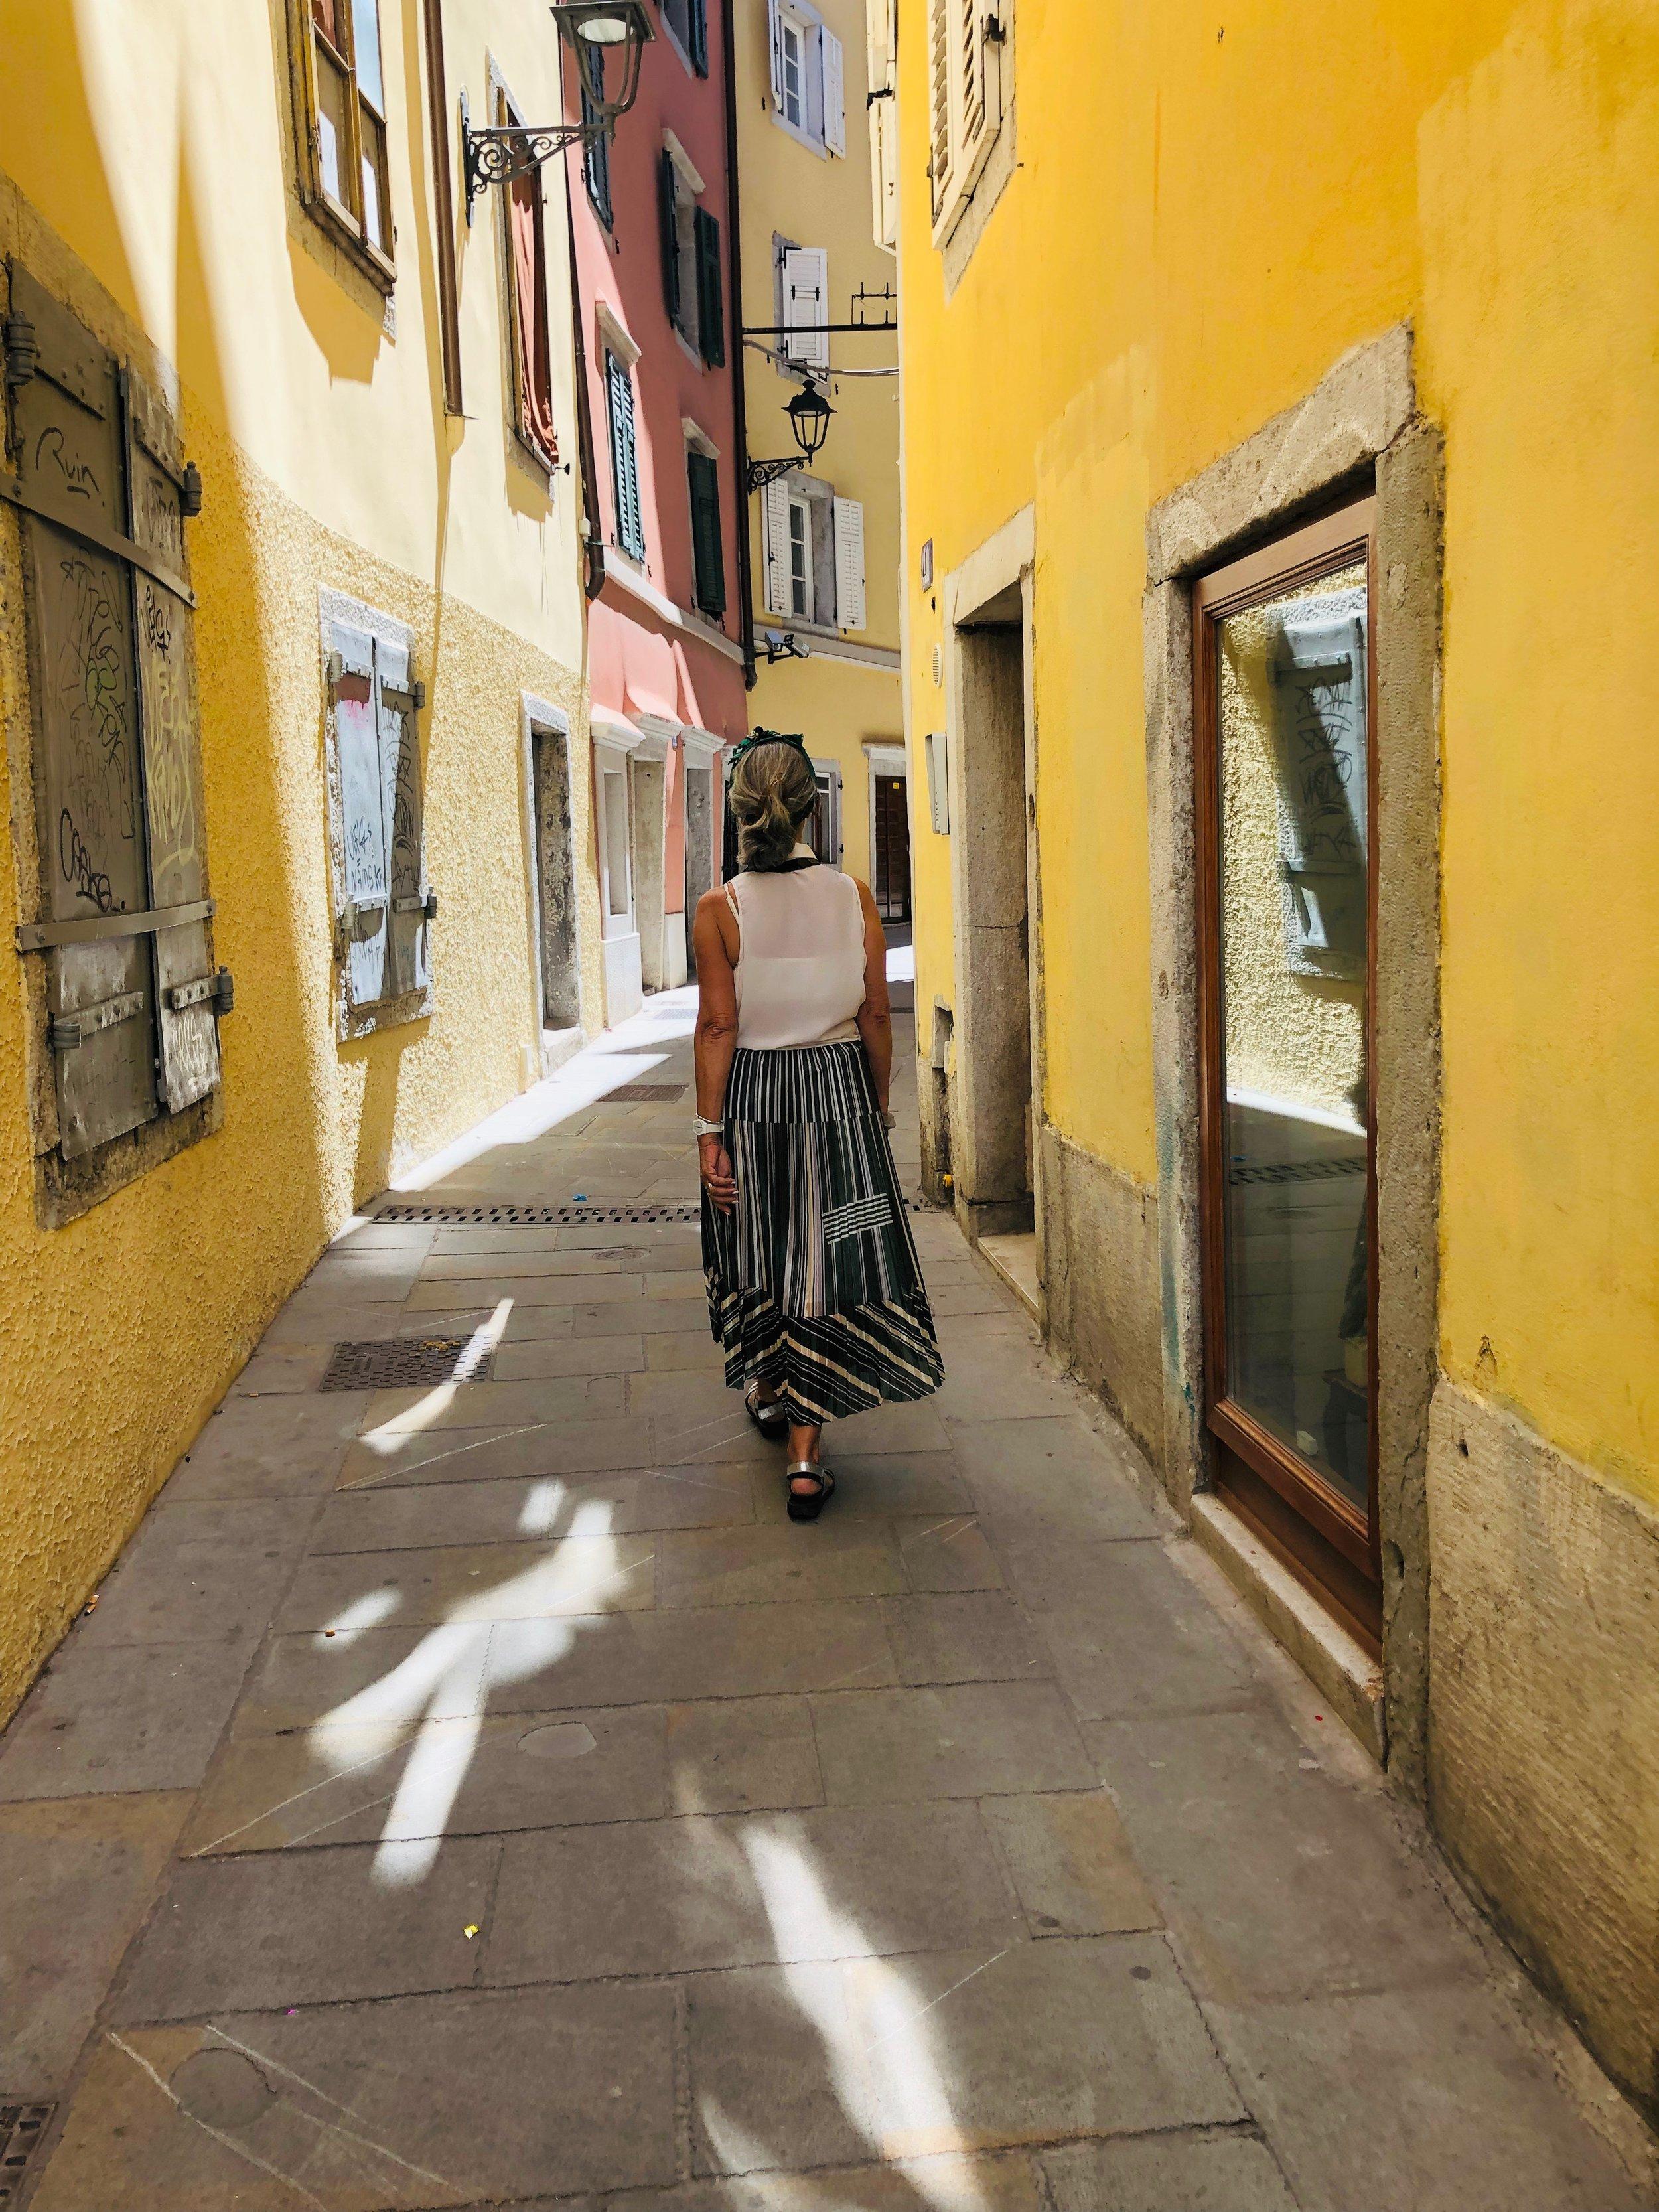 Colourful alleyways in Trieste.